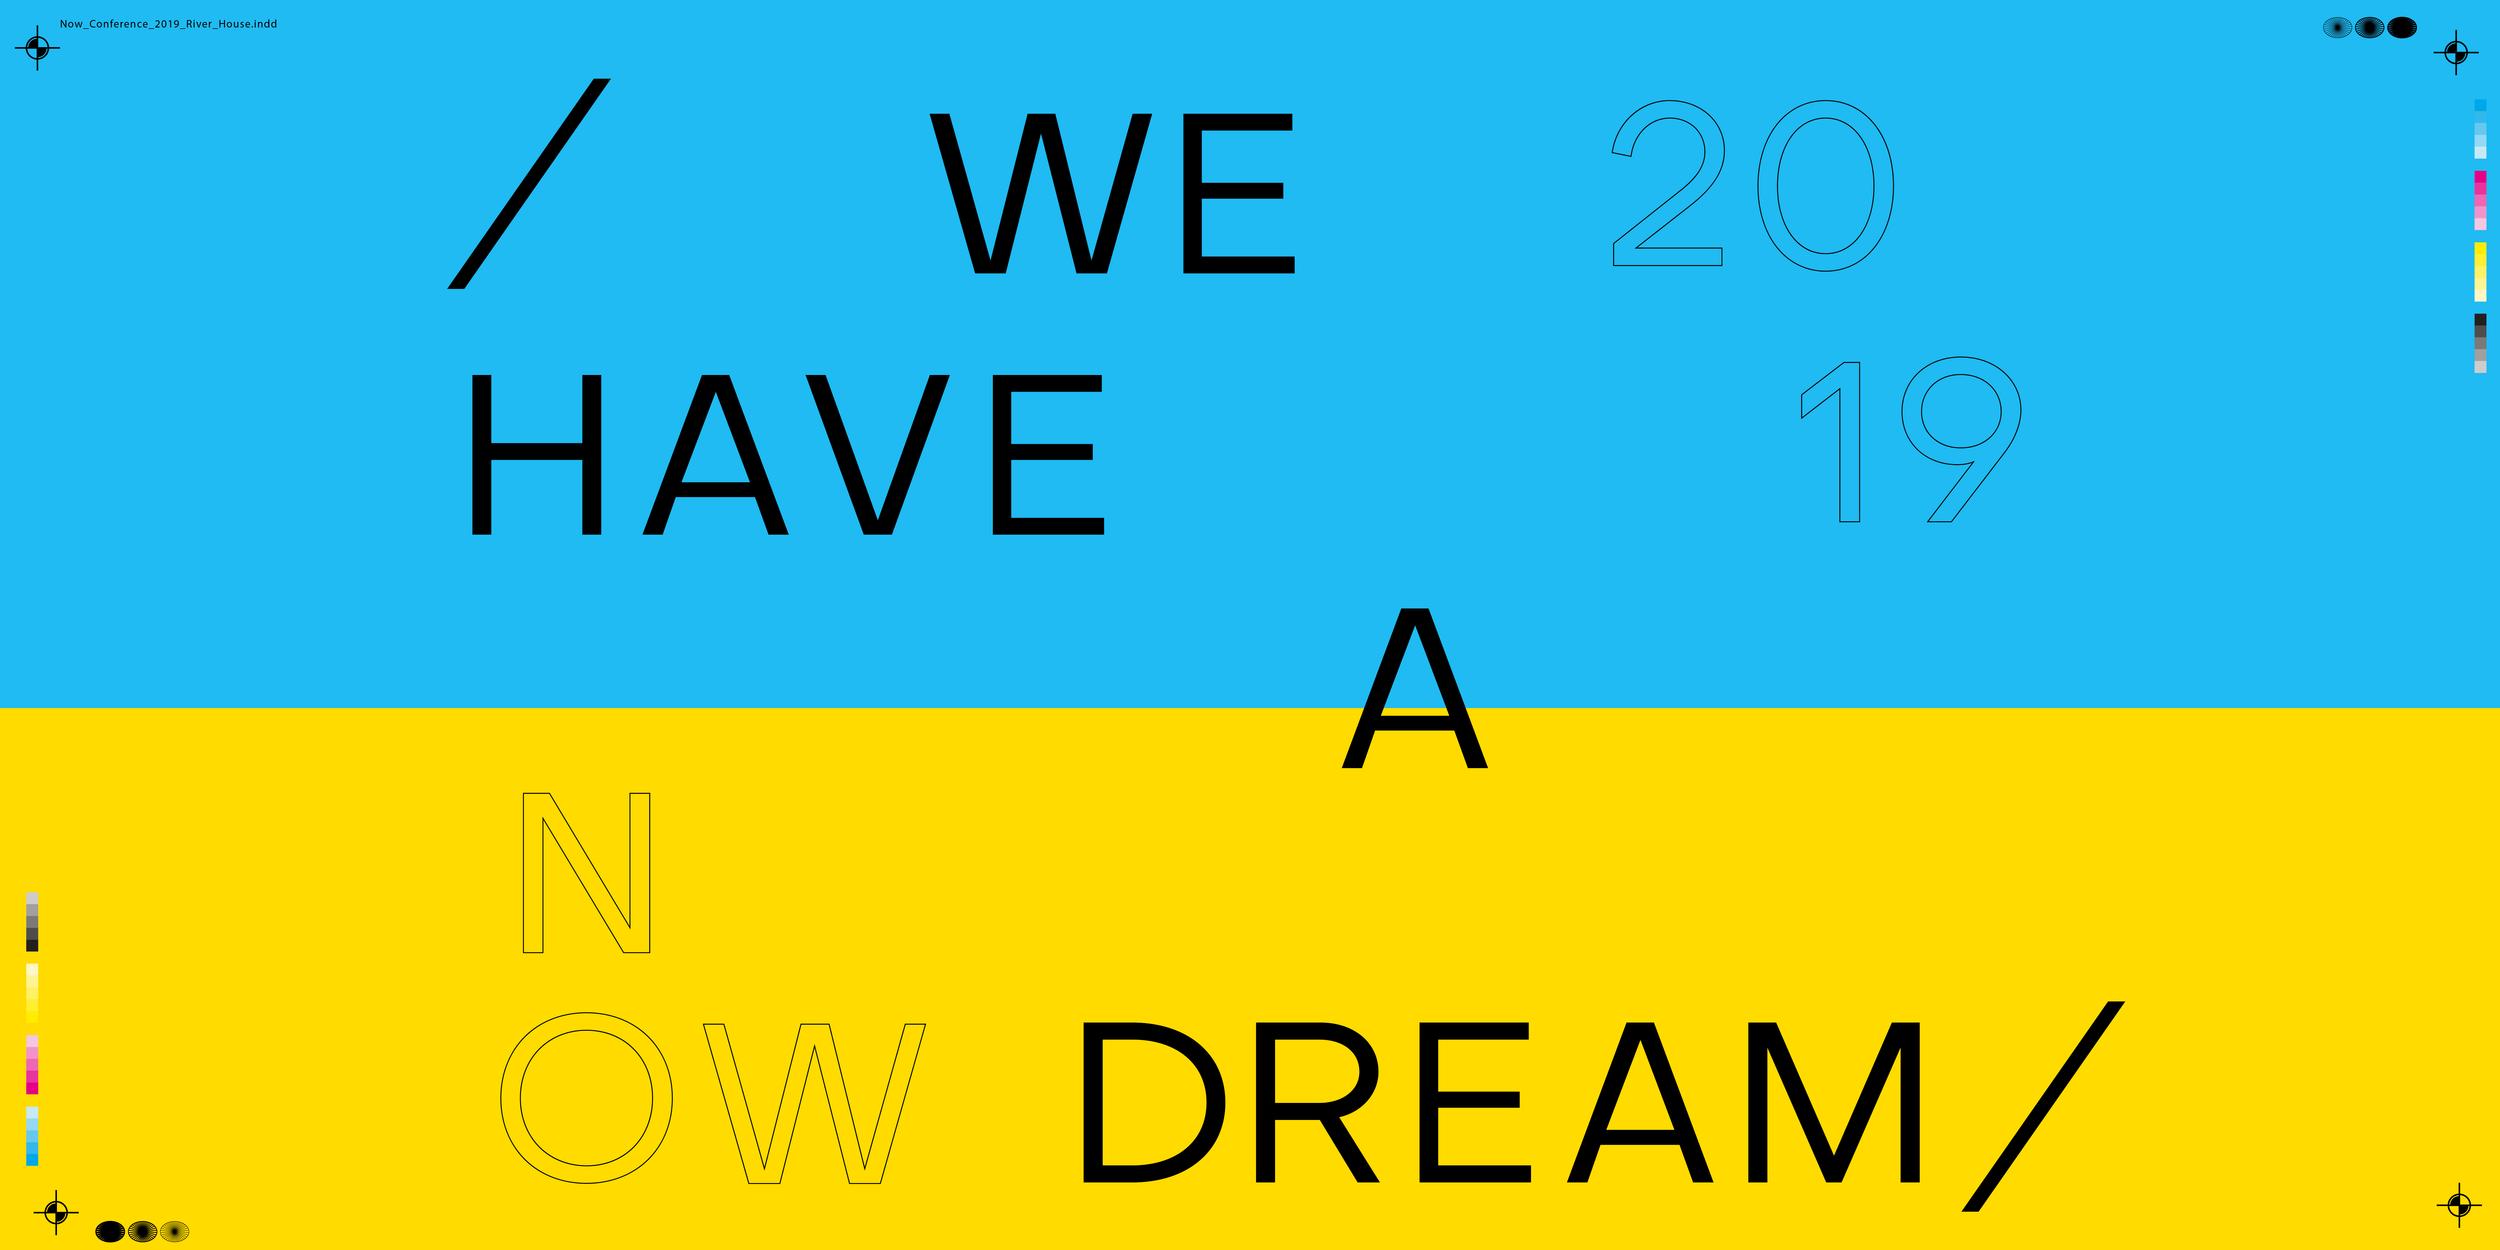 DEAR DREAMER, - Come join us August 8-10 in Boise, Idaho!